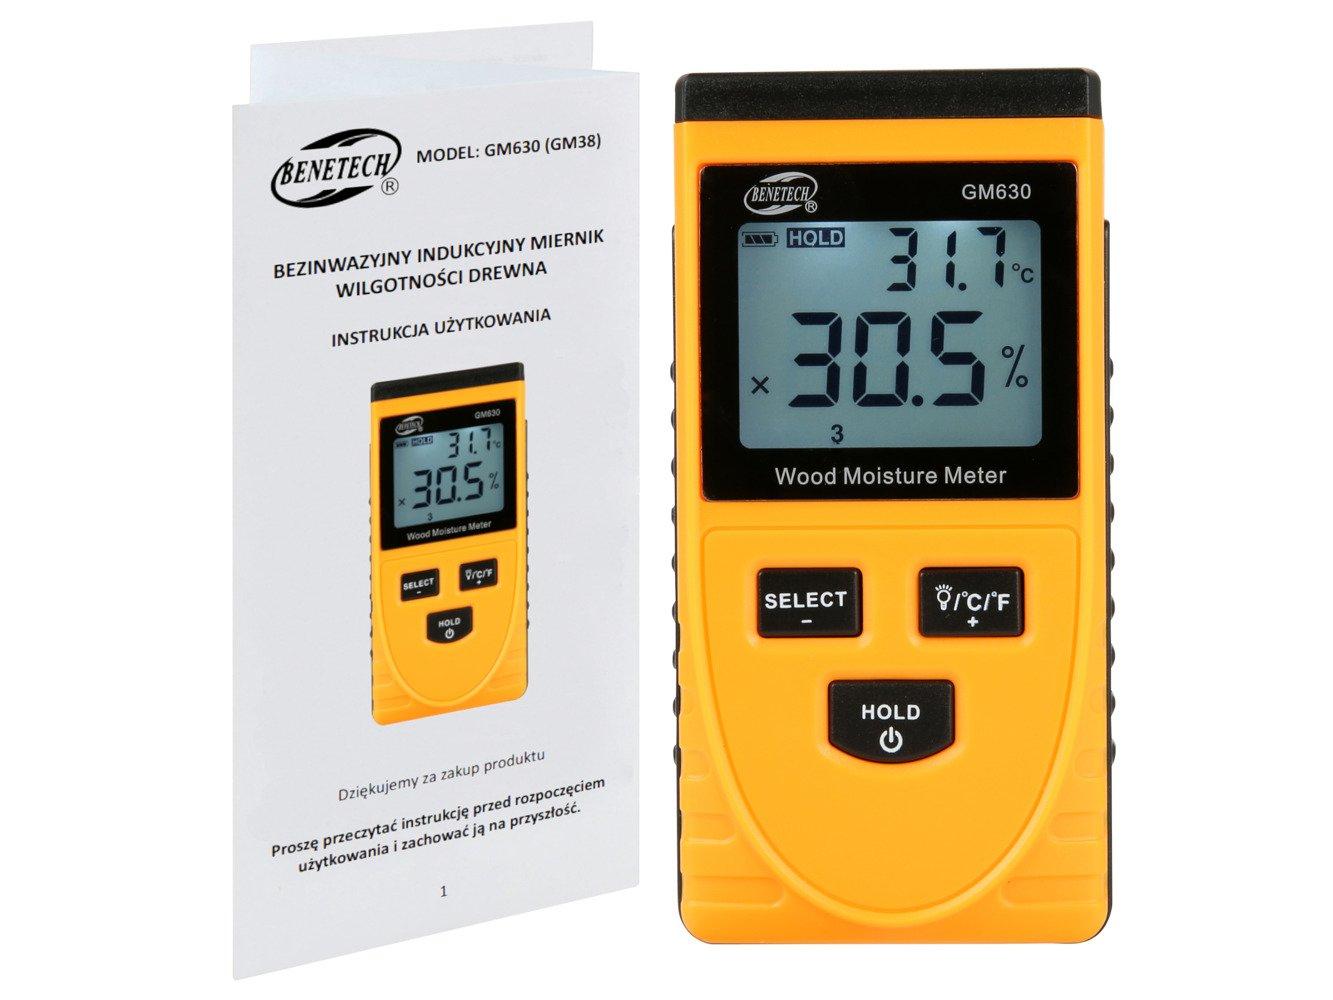 Bezinwazyjny Wilgotnościomierz Miernik Wilgotności Drewna Gm630 Urządzenia Pomiarowe Wilgotnościomierze Elexpress Pl Sklep Internetowy